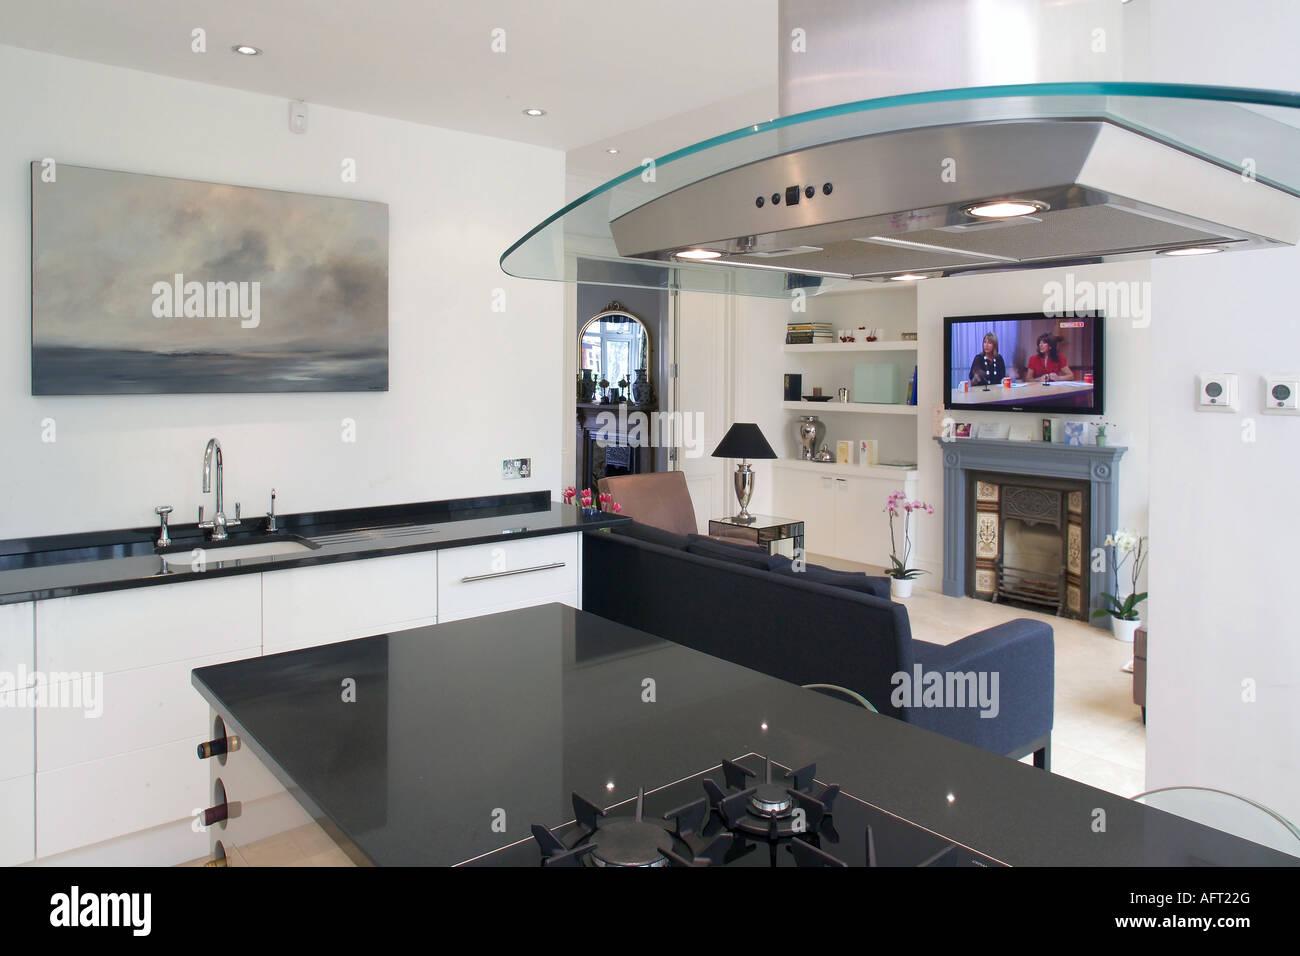 Malerisch Offene Küche Mit Wohnzimmer Sammlung Von Glas & Chrom Dampfabzug In Moderne Küche